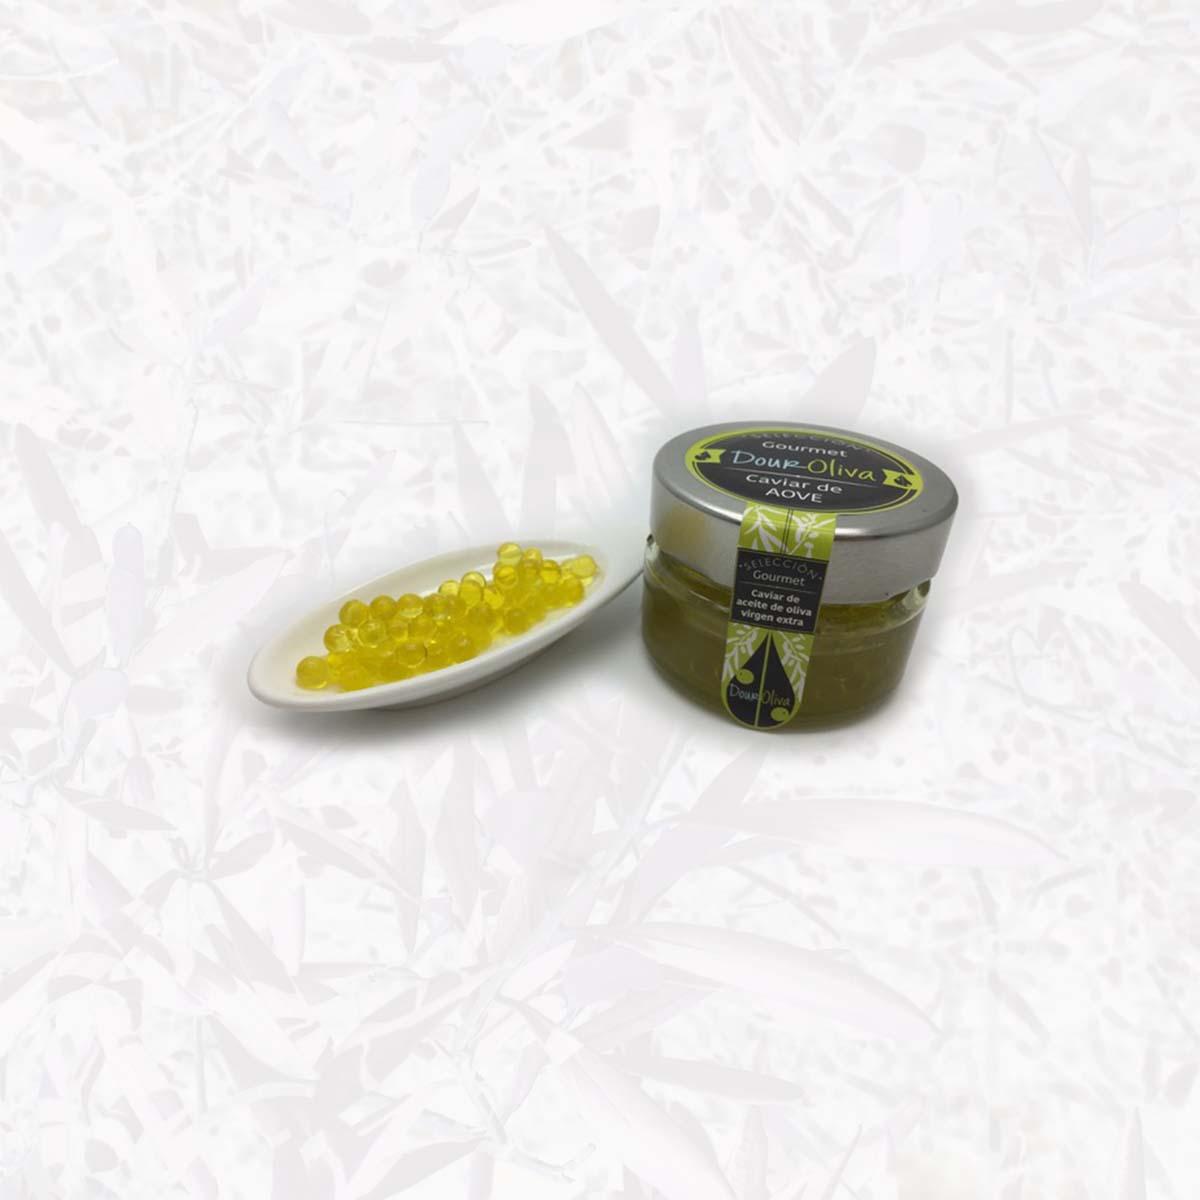 Presentación de caviar AOVE - DourOliva